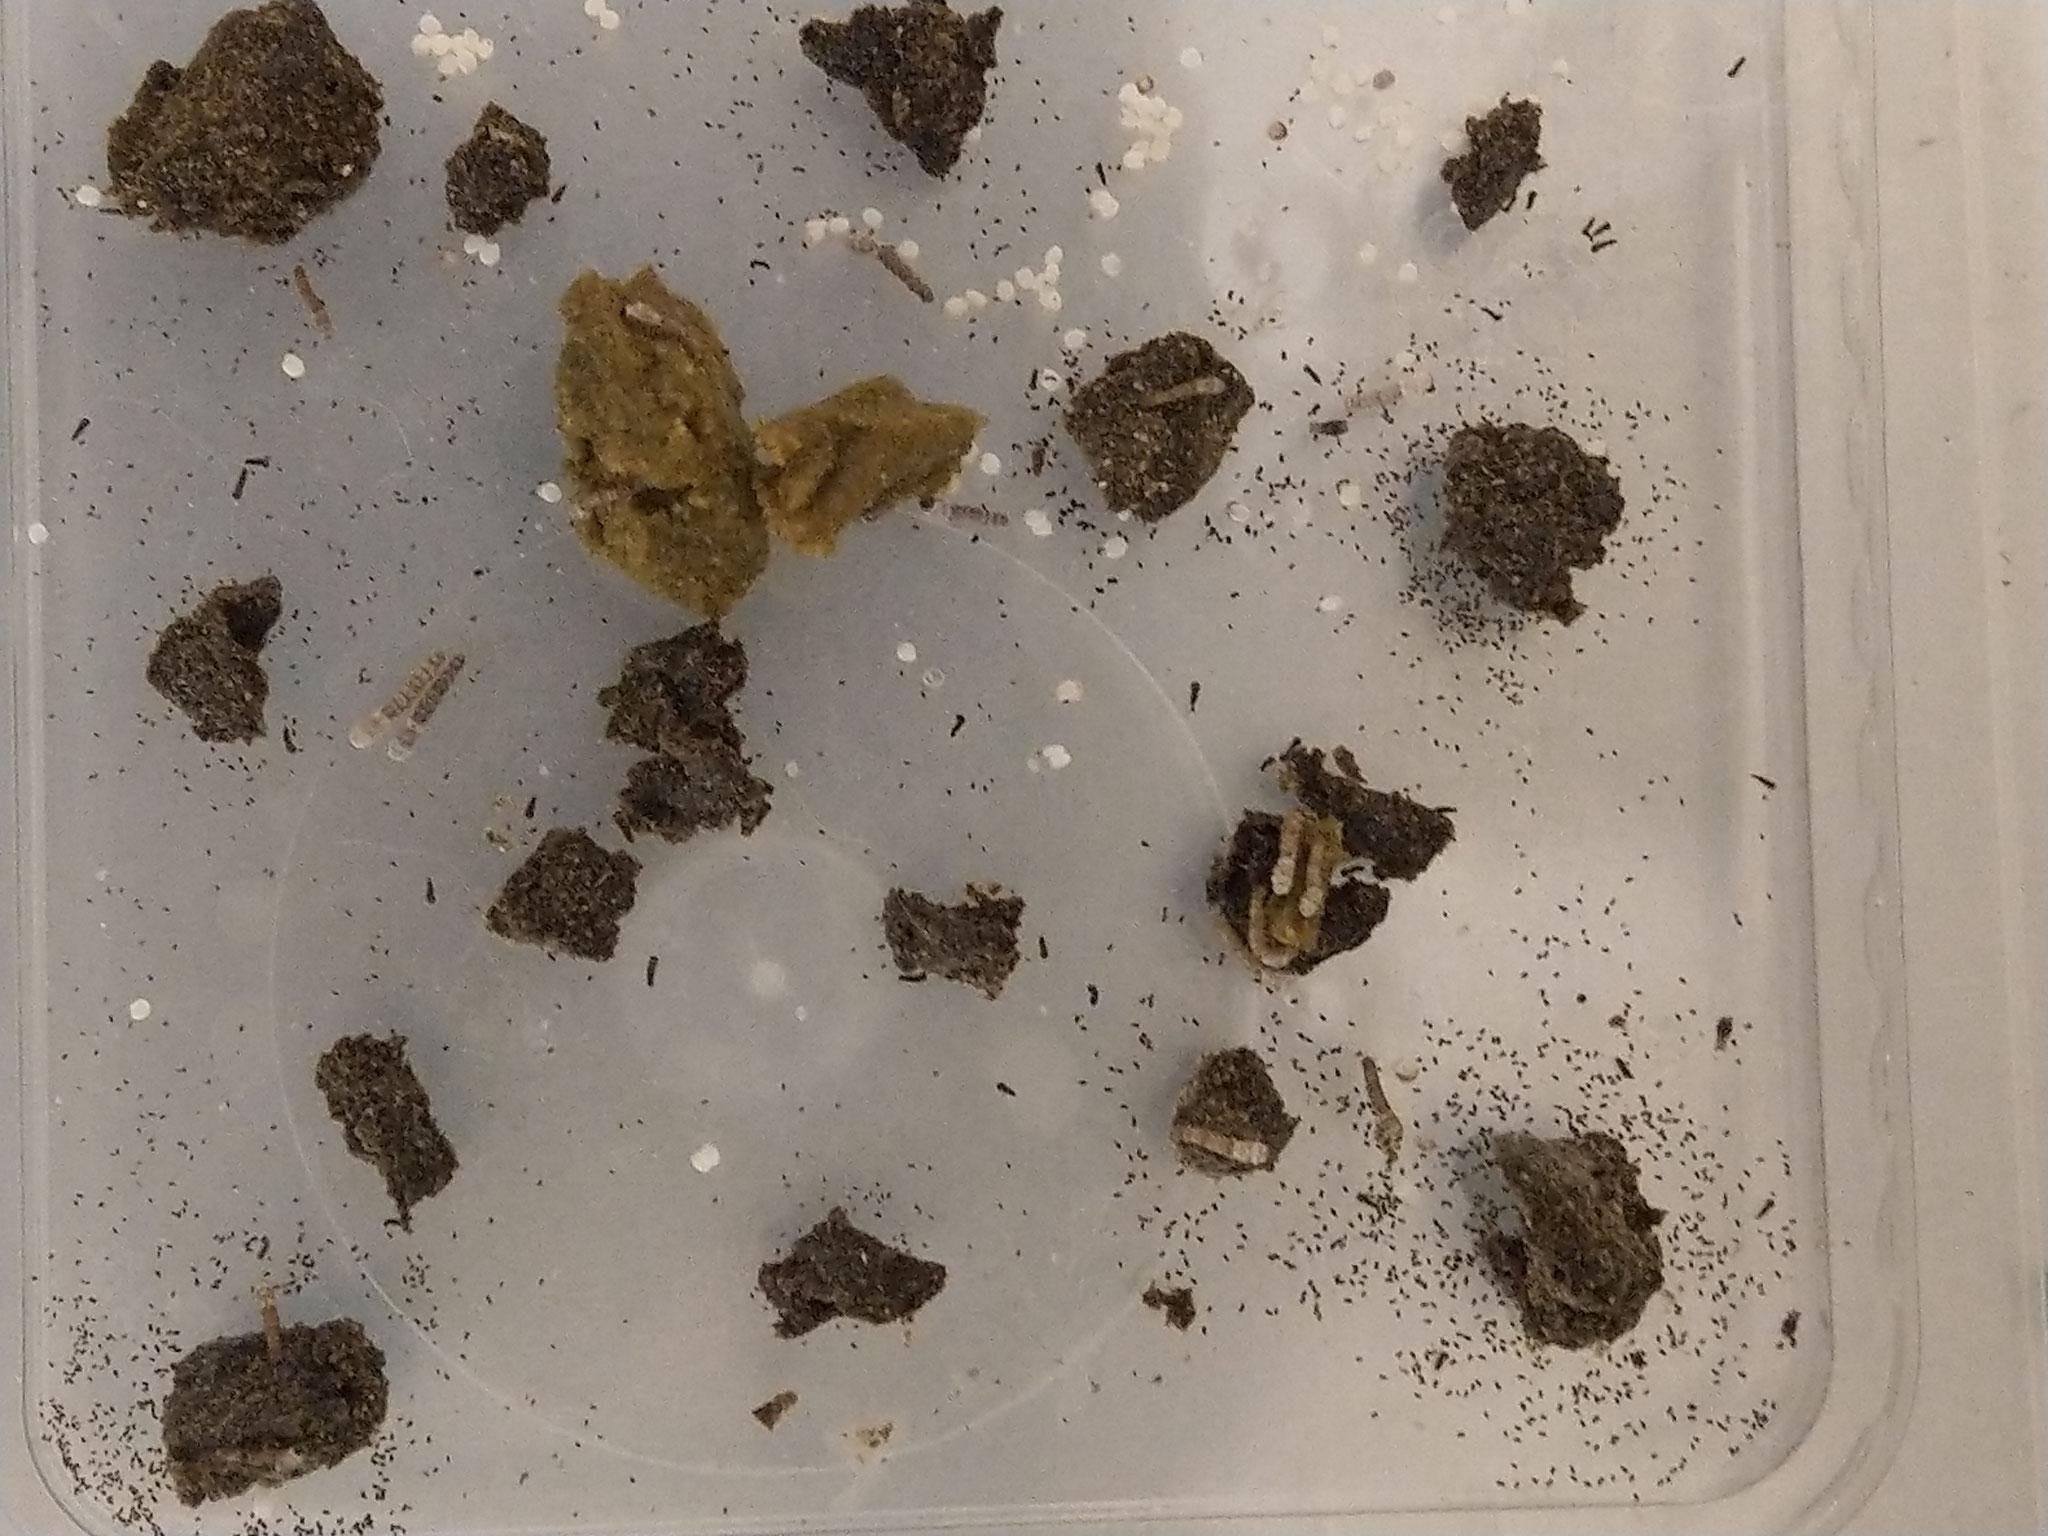 Tag 25: inzwischen haben ziemlich alle Raupen die 1. Häutung hinter sich